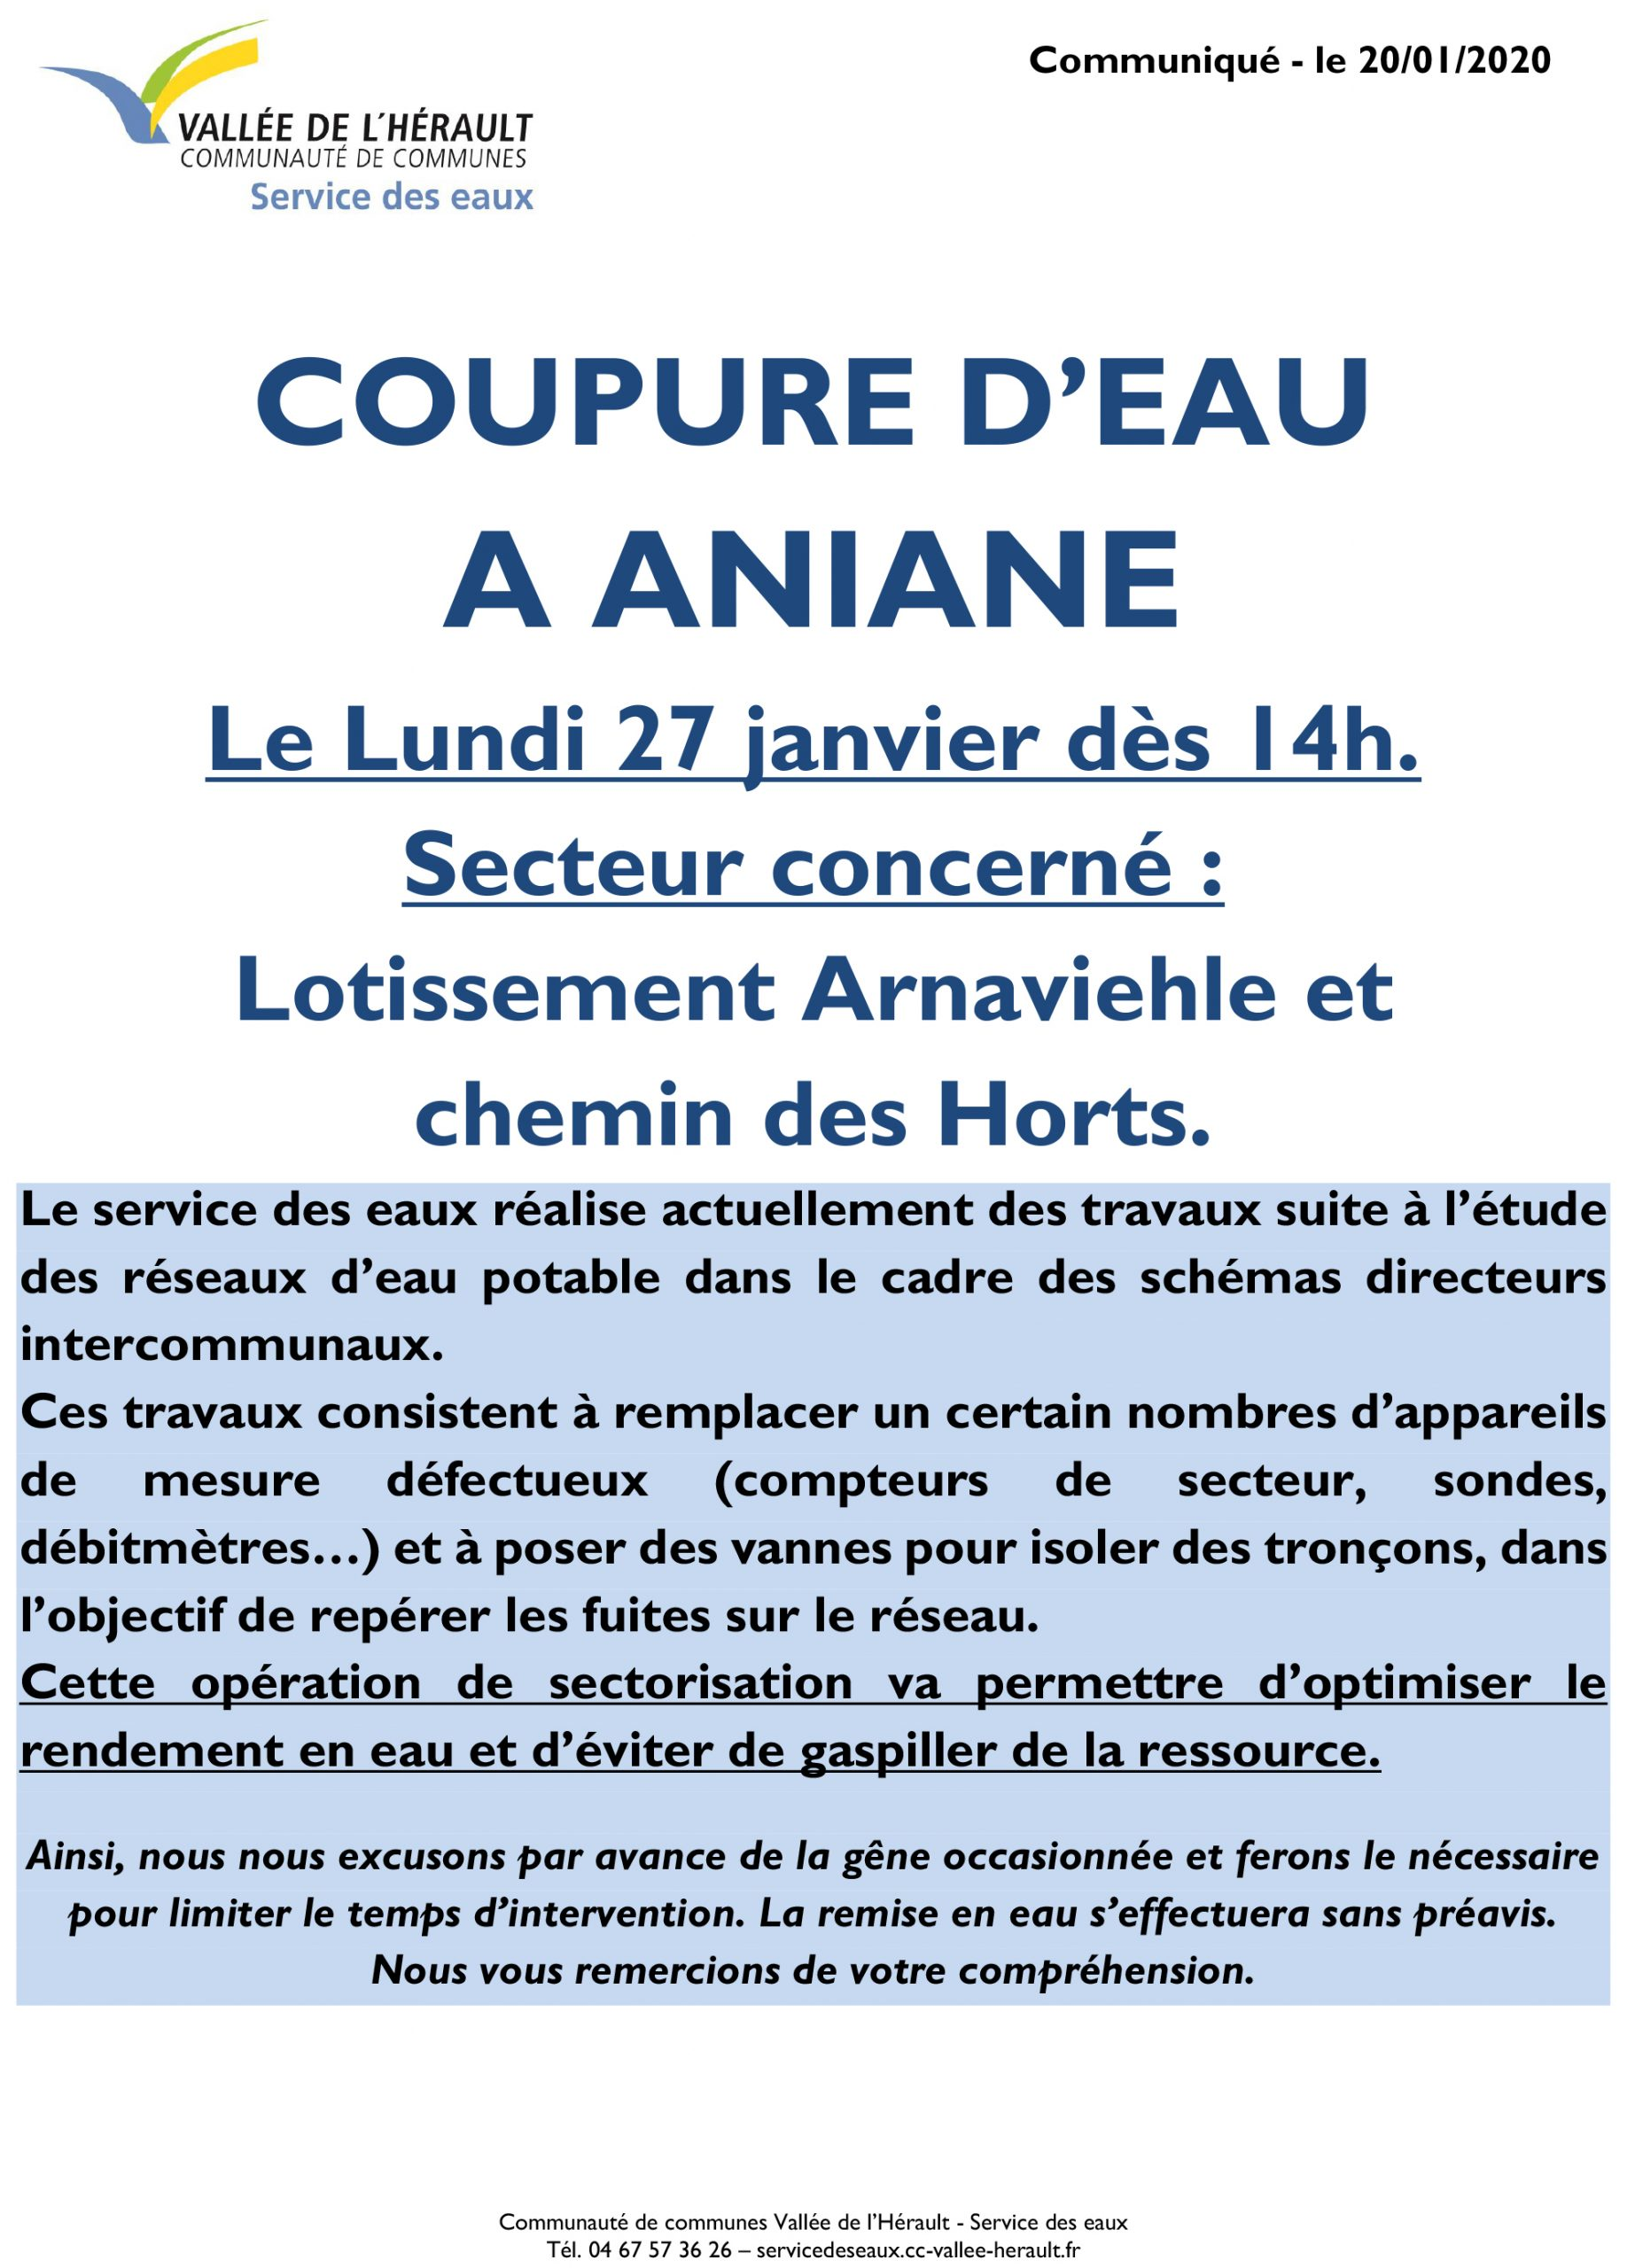 Communiqué Coupure eau 27 01 2020 Aniane